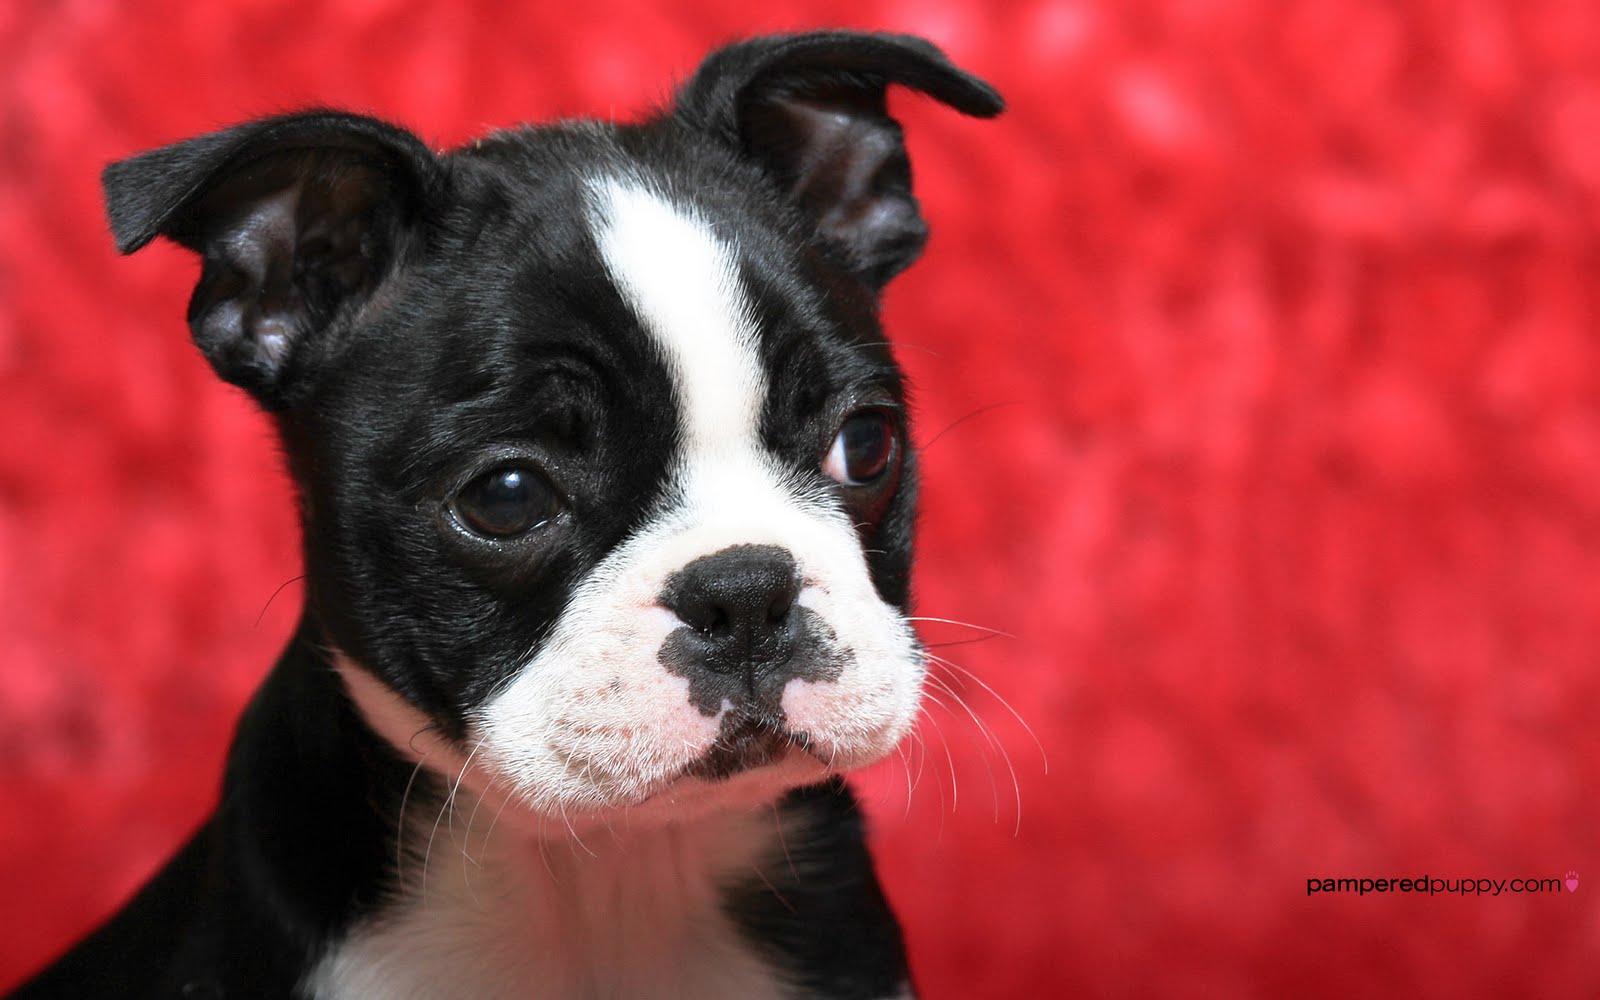 http://4.bp.blogspot.com/-kgkp0sB9tK0/Th84VrfECfI/AAAAAAAAALE/8GUuFr8E7Hg/s1600/Boston+Terrier+Dogs+Wallpapers+1.jpg